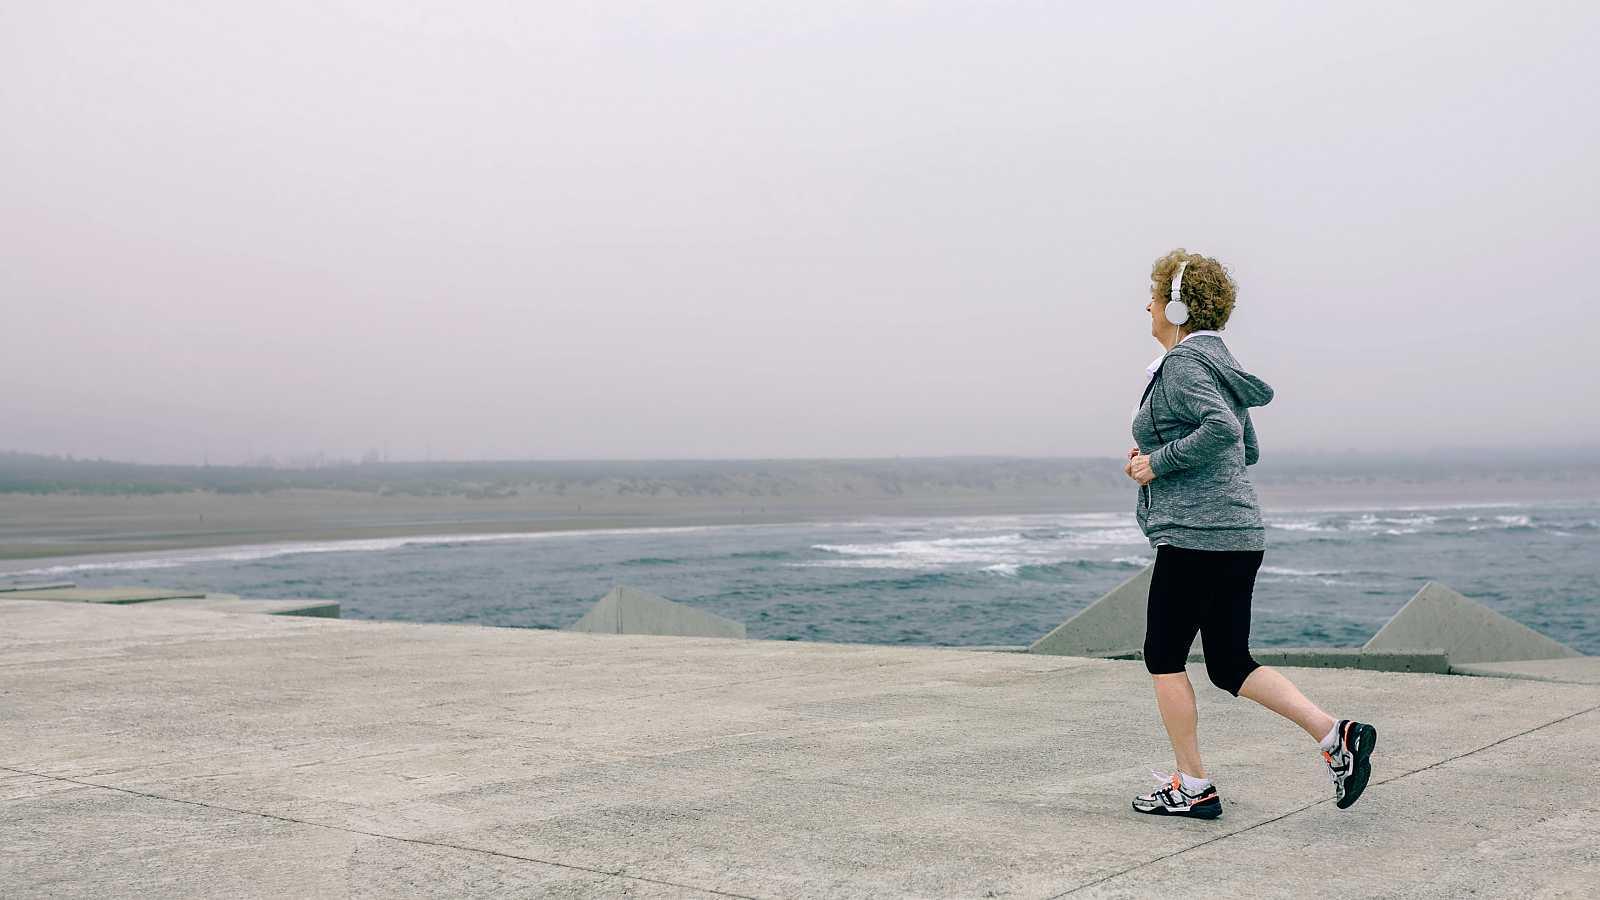 Hacer ejercicio es muy importante para prevenir el cáncer de mama, una enfermedad que afectará a una de cada ocho mujeres durante su vida.